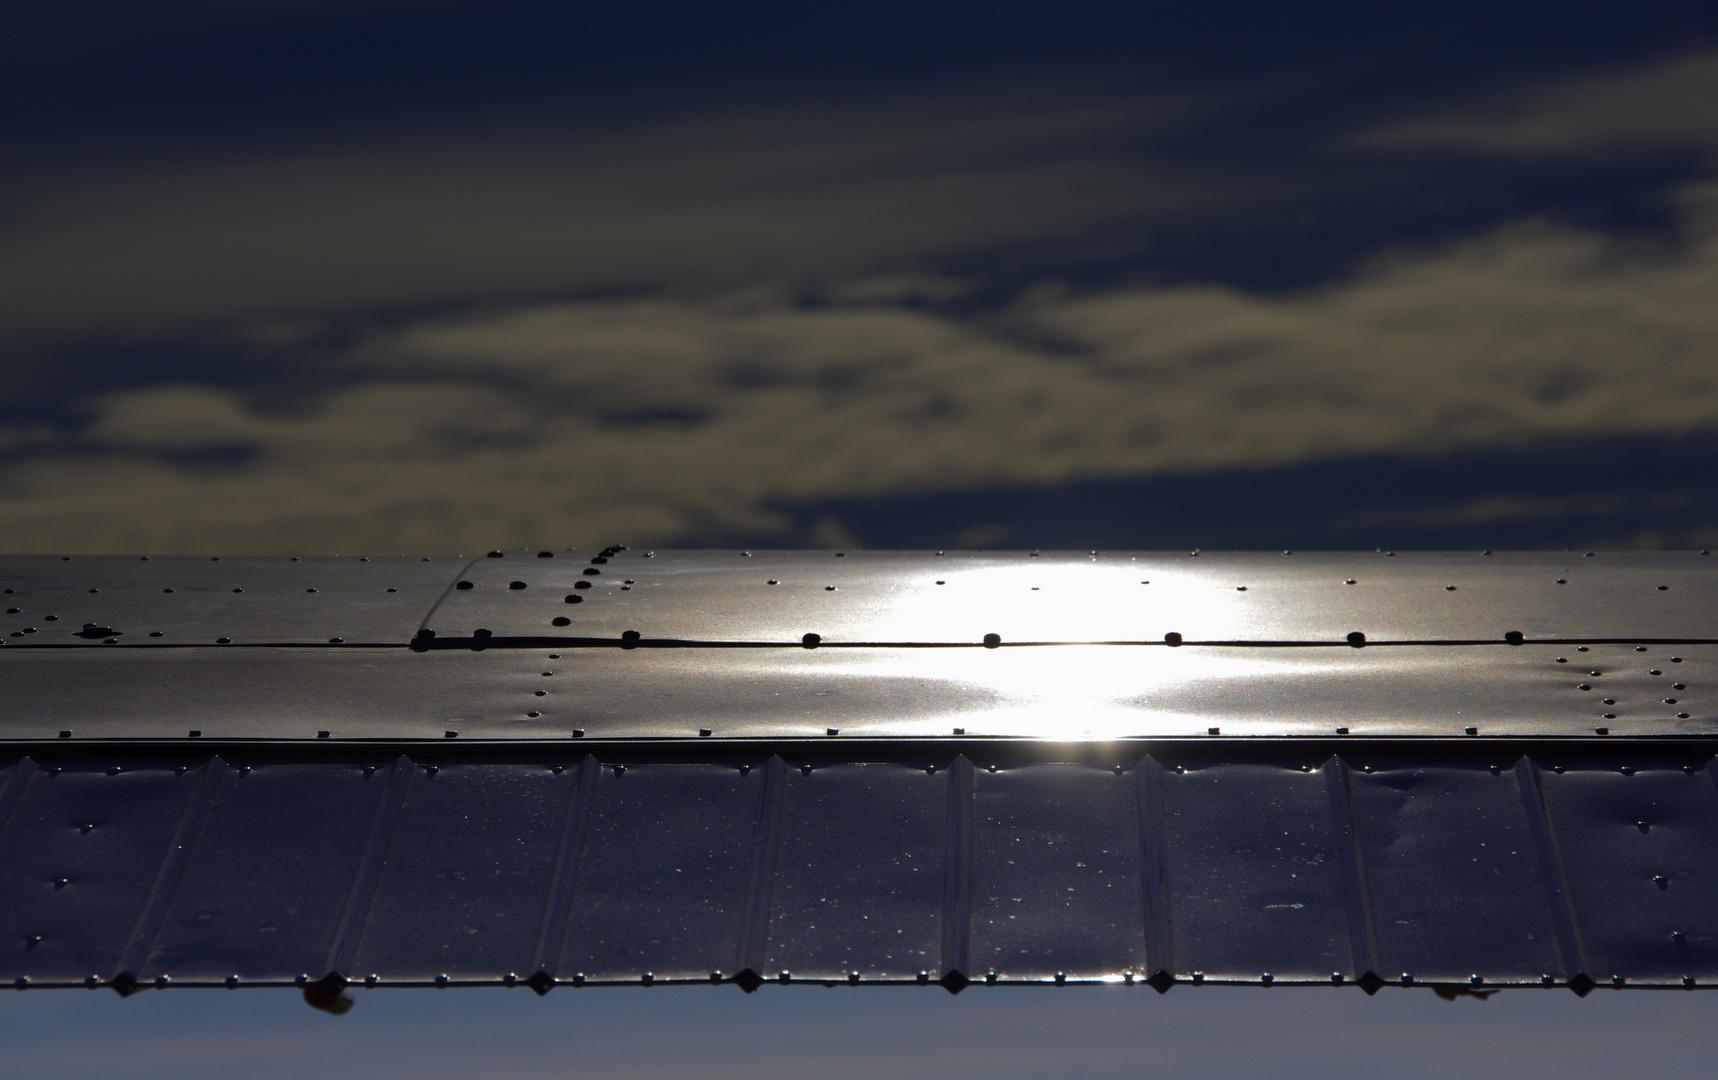 Samtiges Licht auf der Tragfläche.